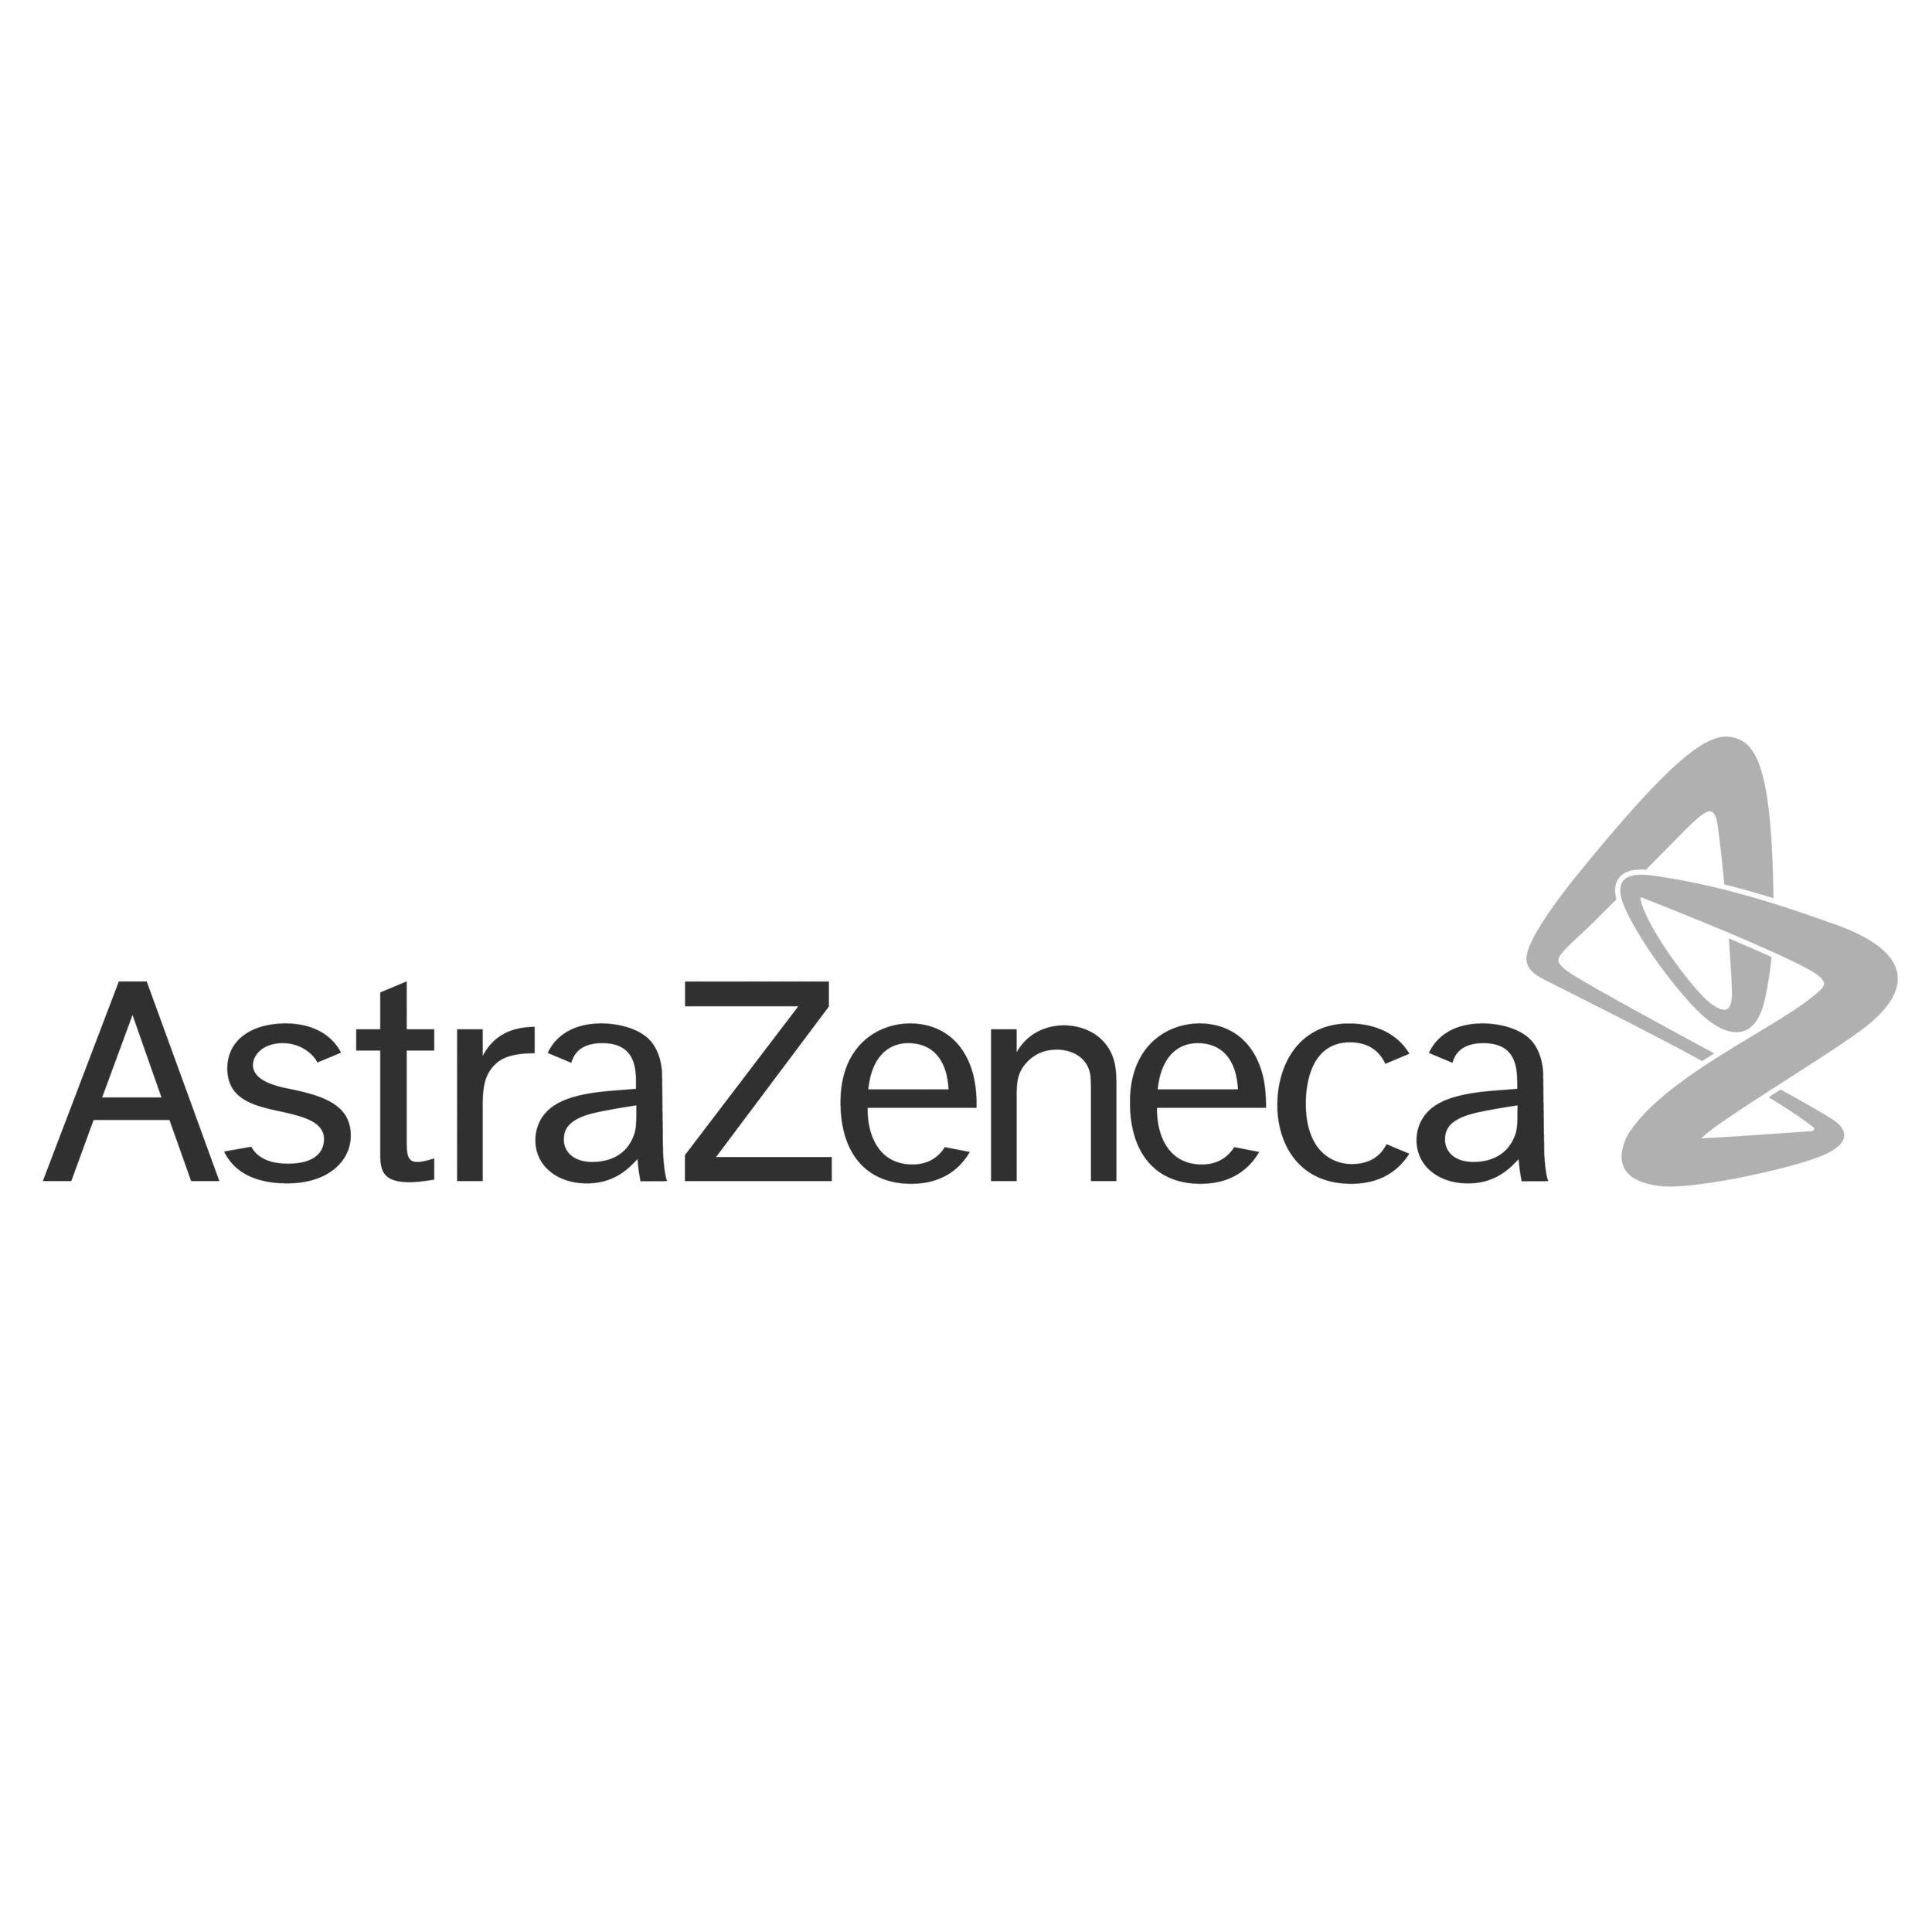 AZ-Logo copy.jpg